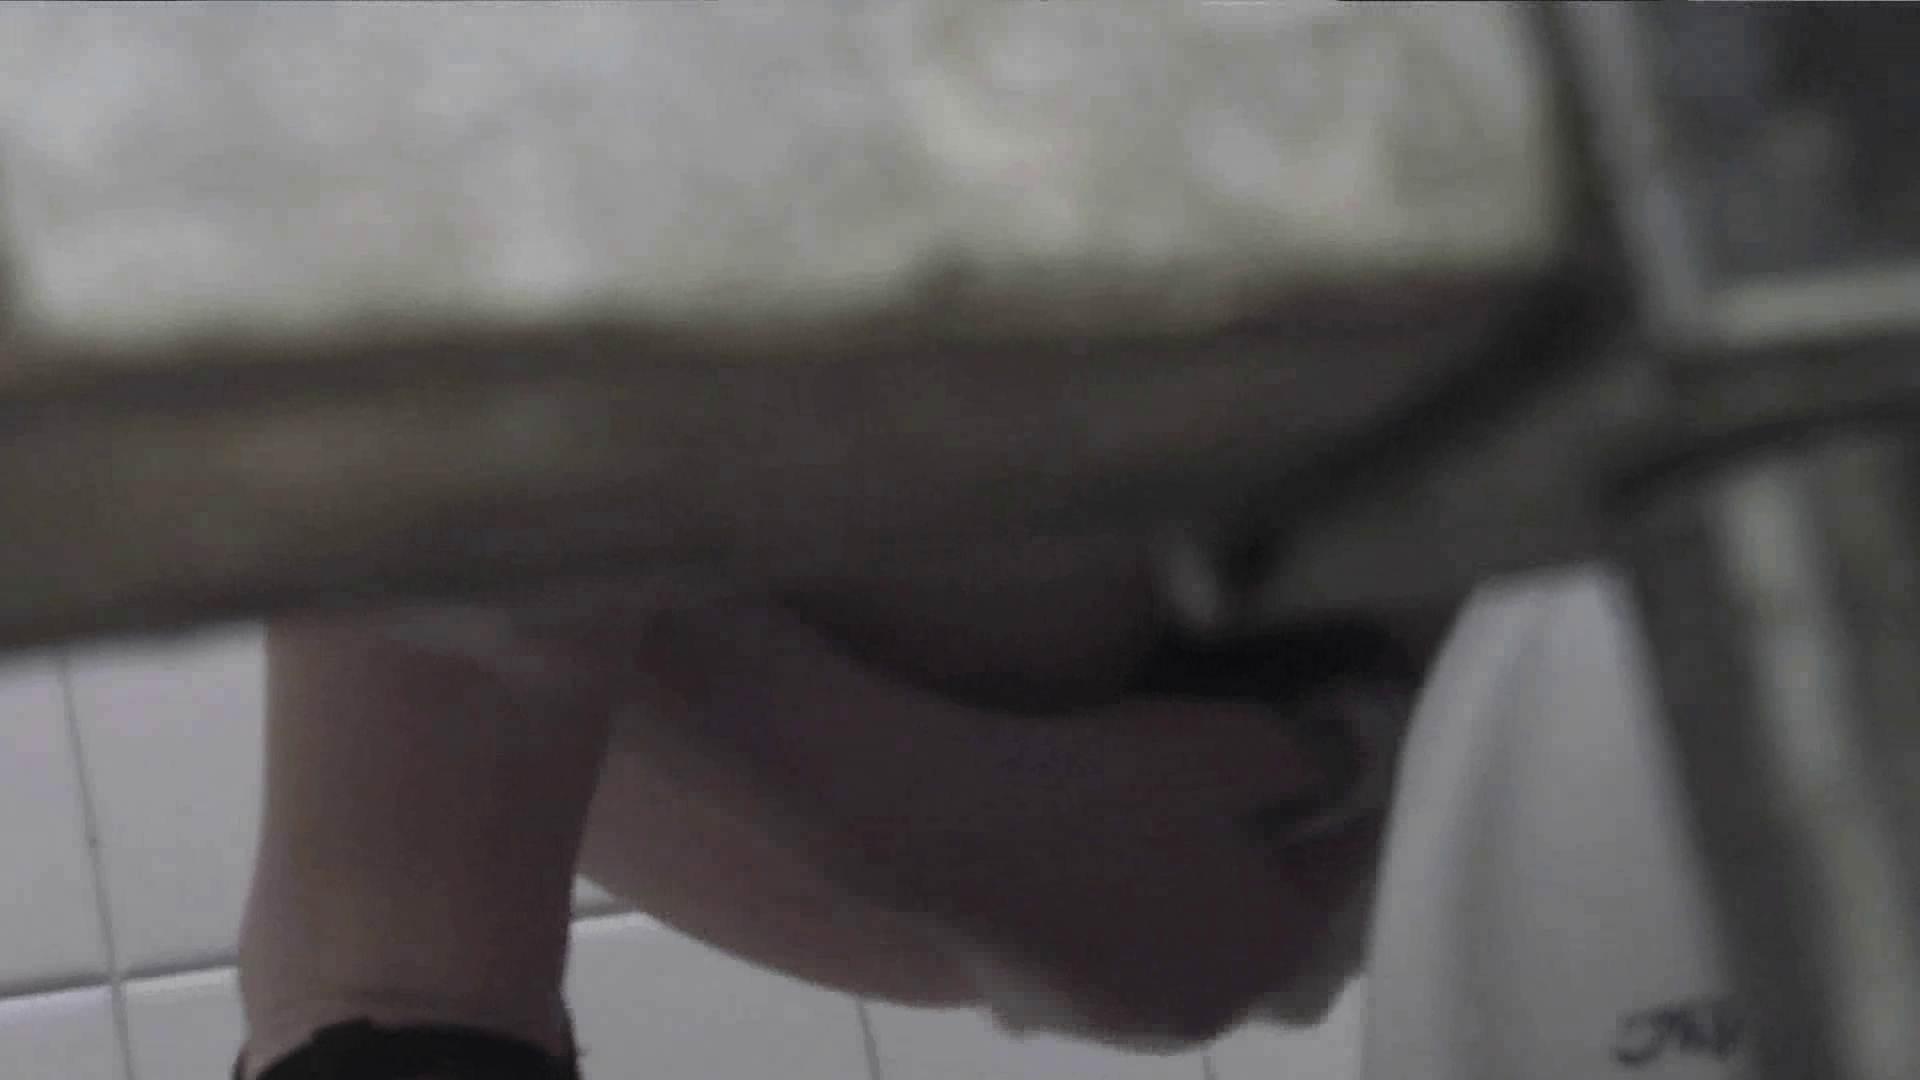 【美しき個室な世界】 vol.022 ヒクヒクさんたち 洗面所  13連発 2